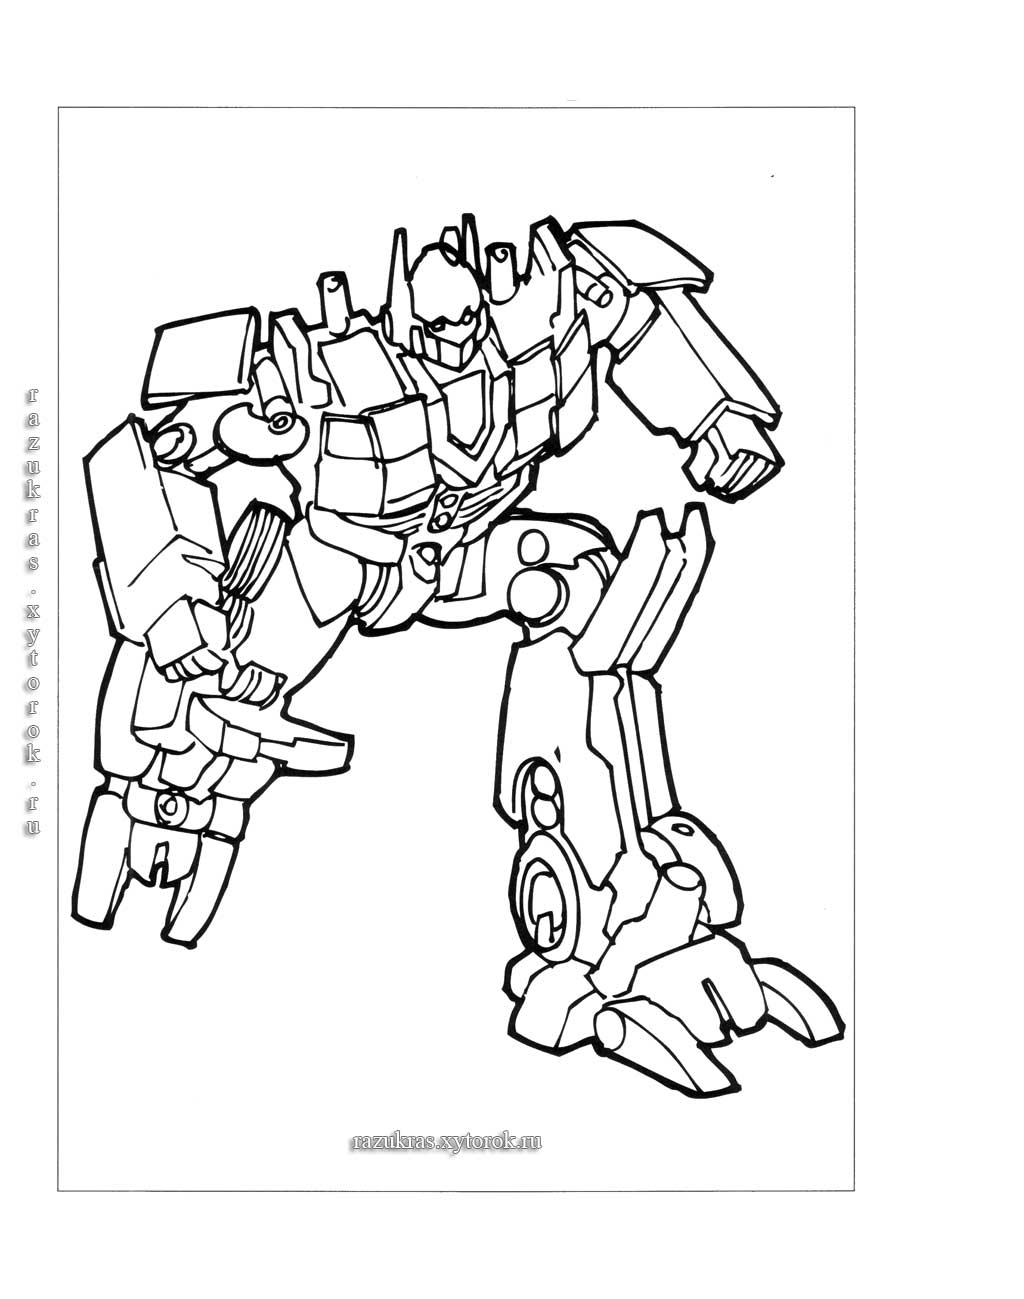 Раскраска-роботы » Фото из мультфильмов » Фото роботов